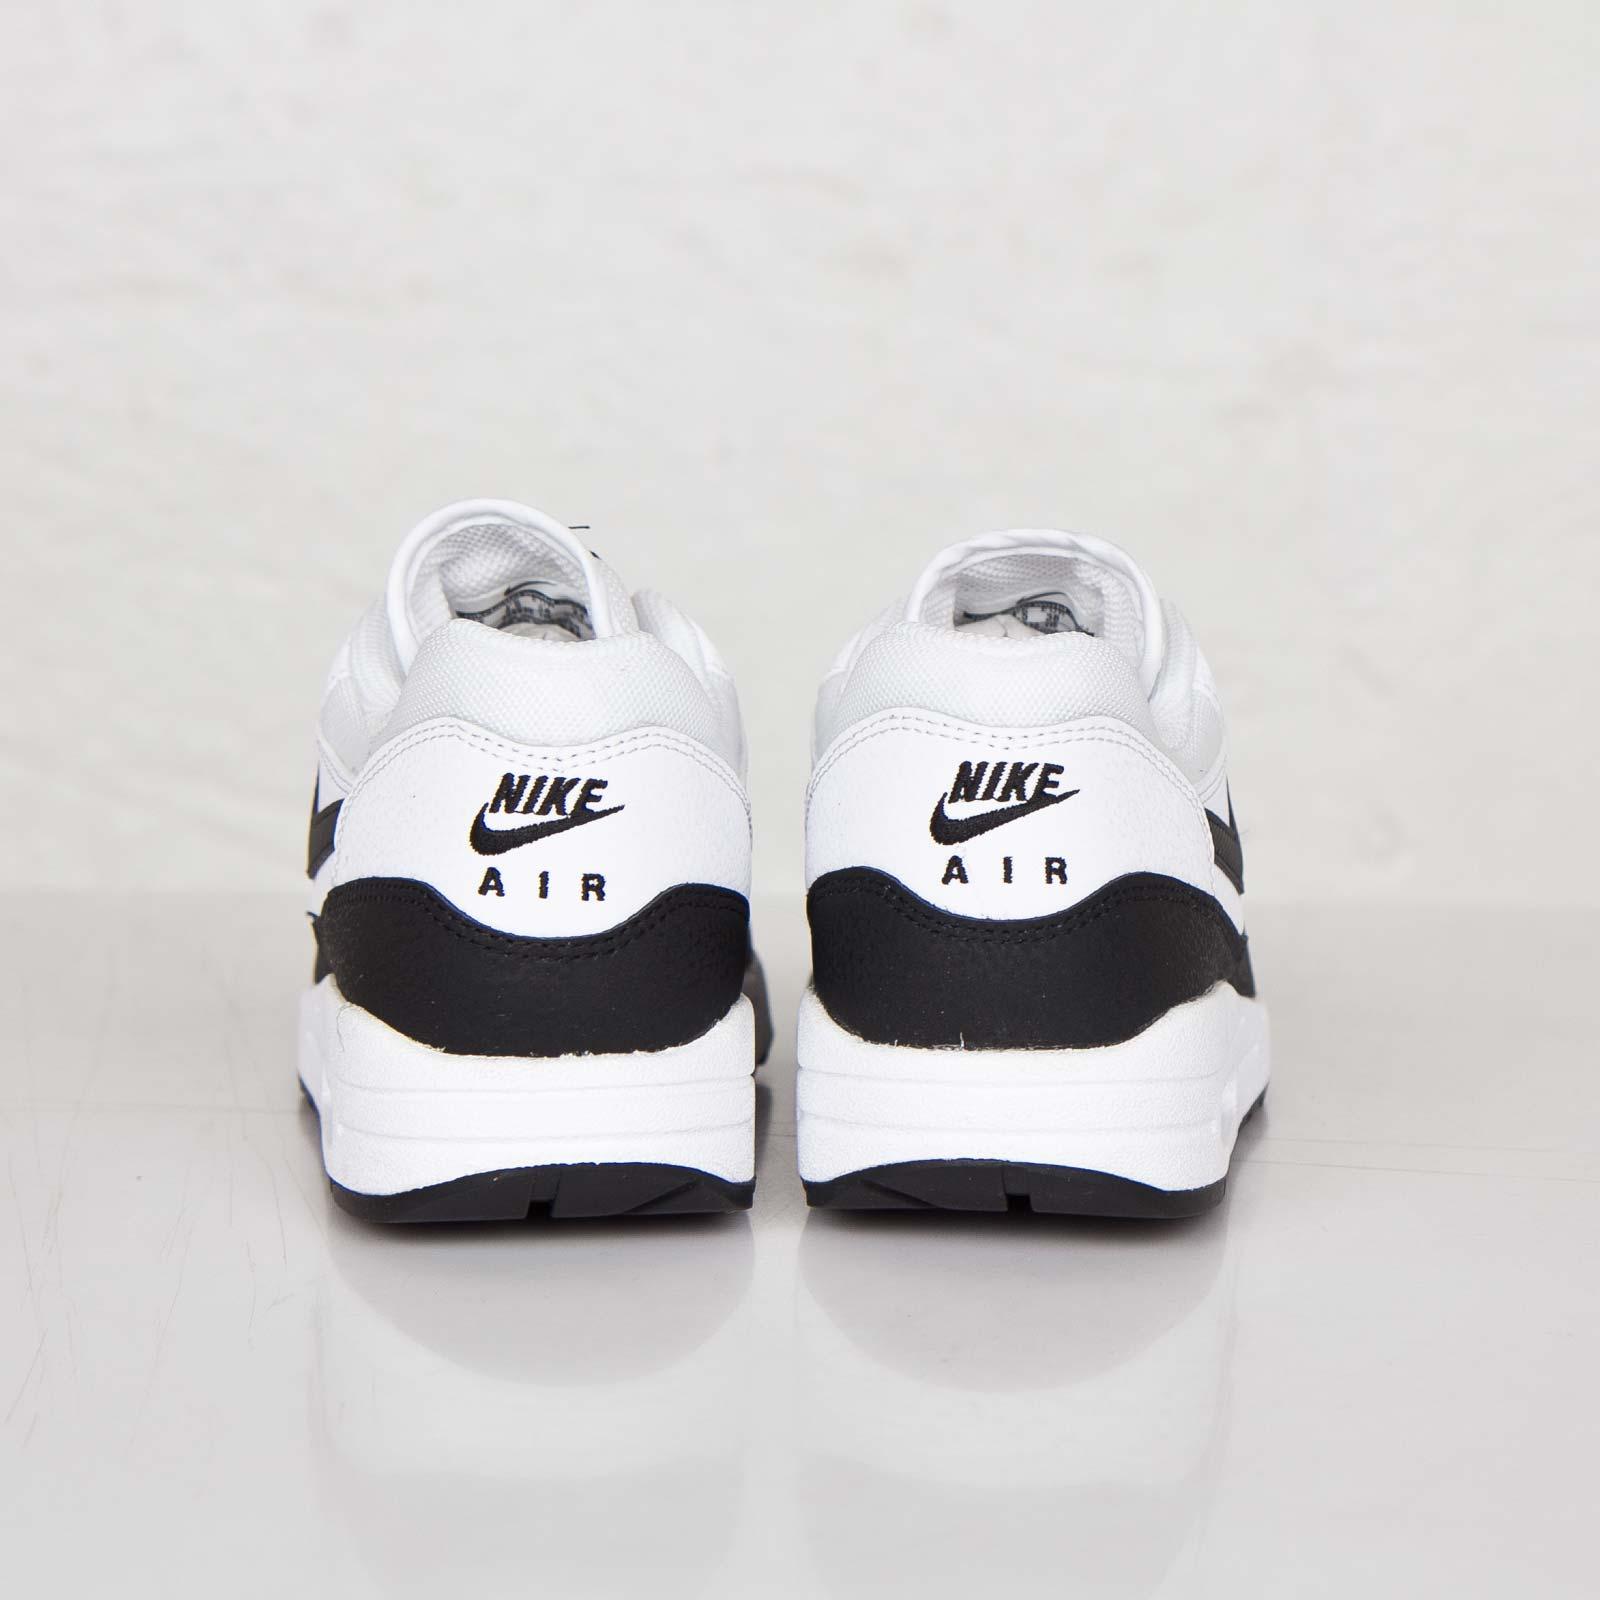 big sale ca6c1 c73f0 Nike Wmns Air Max 1 Essential - 599820-115 - Sneakersnstuff   sneakers    streetwear online since 1999